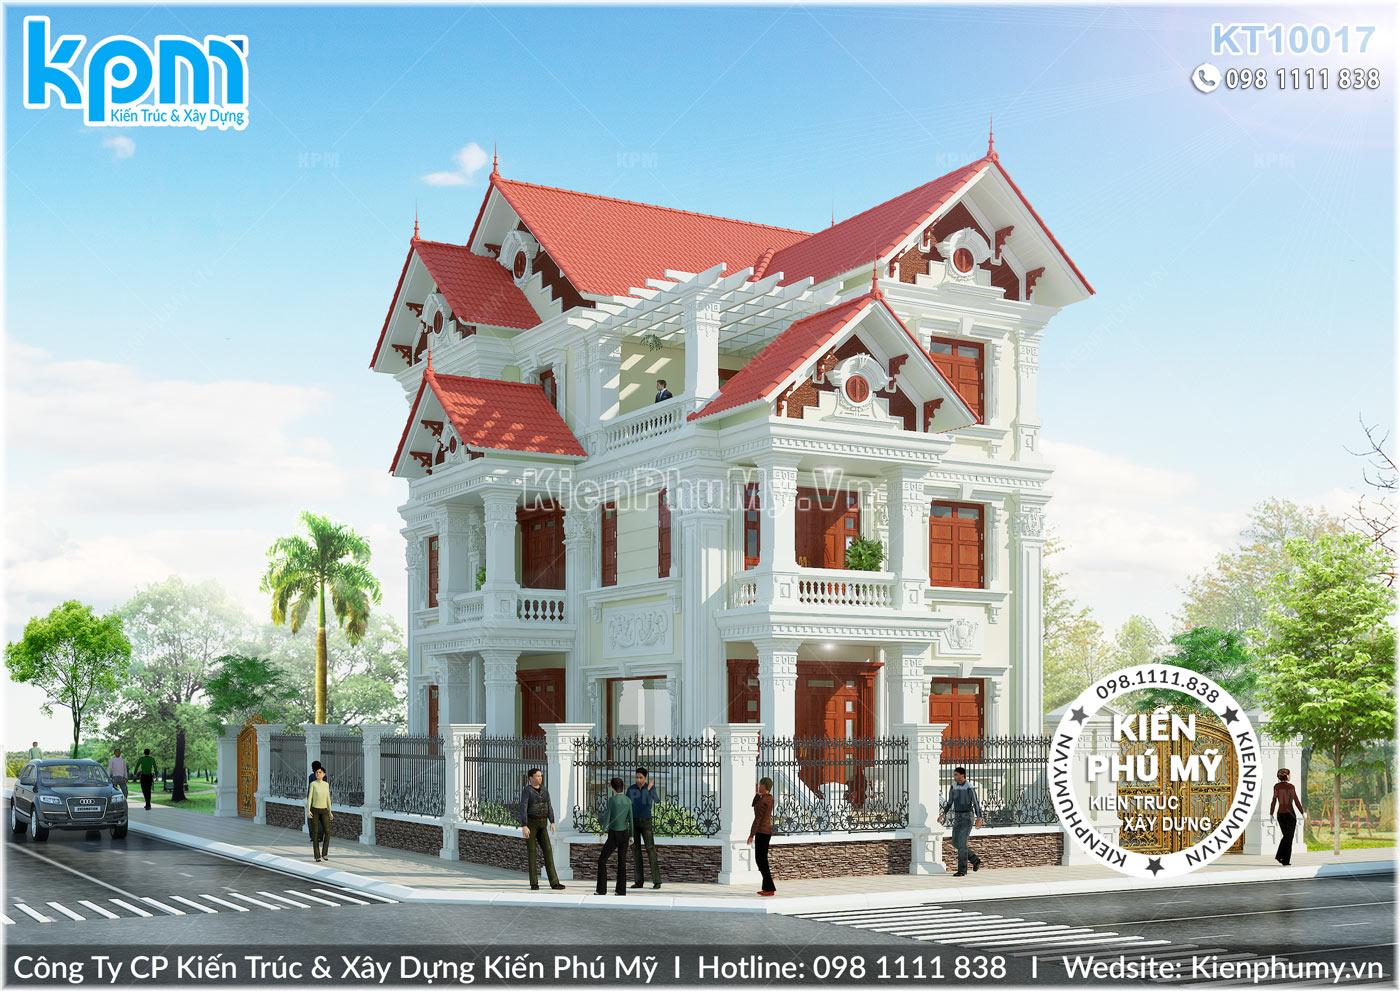 kiến trúc biệt thự tân cổ điển mái thái 3 tầng